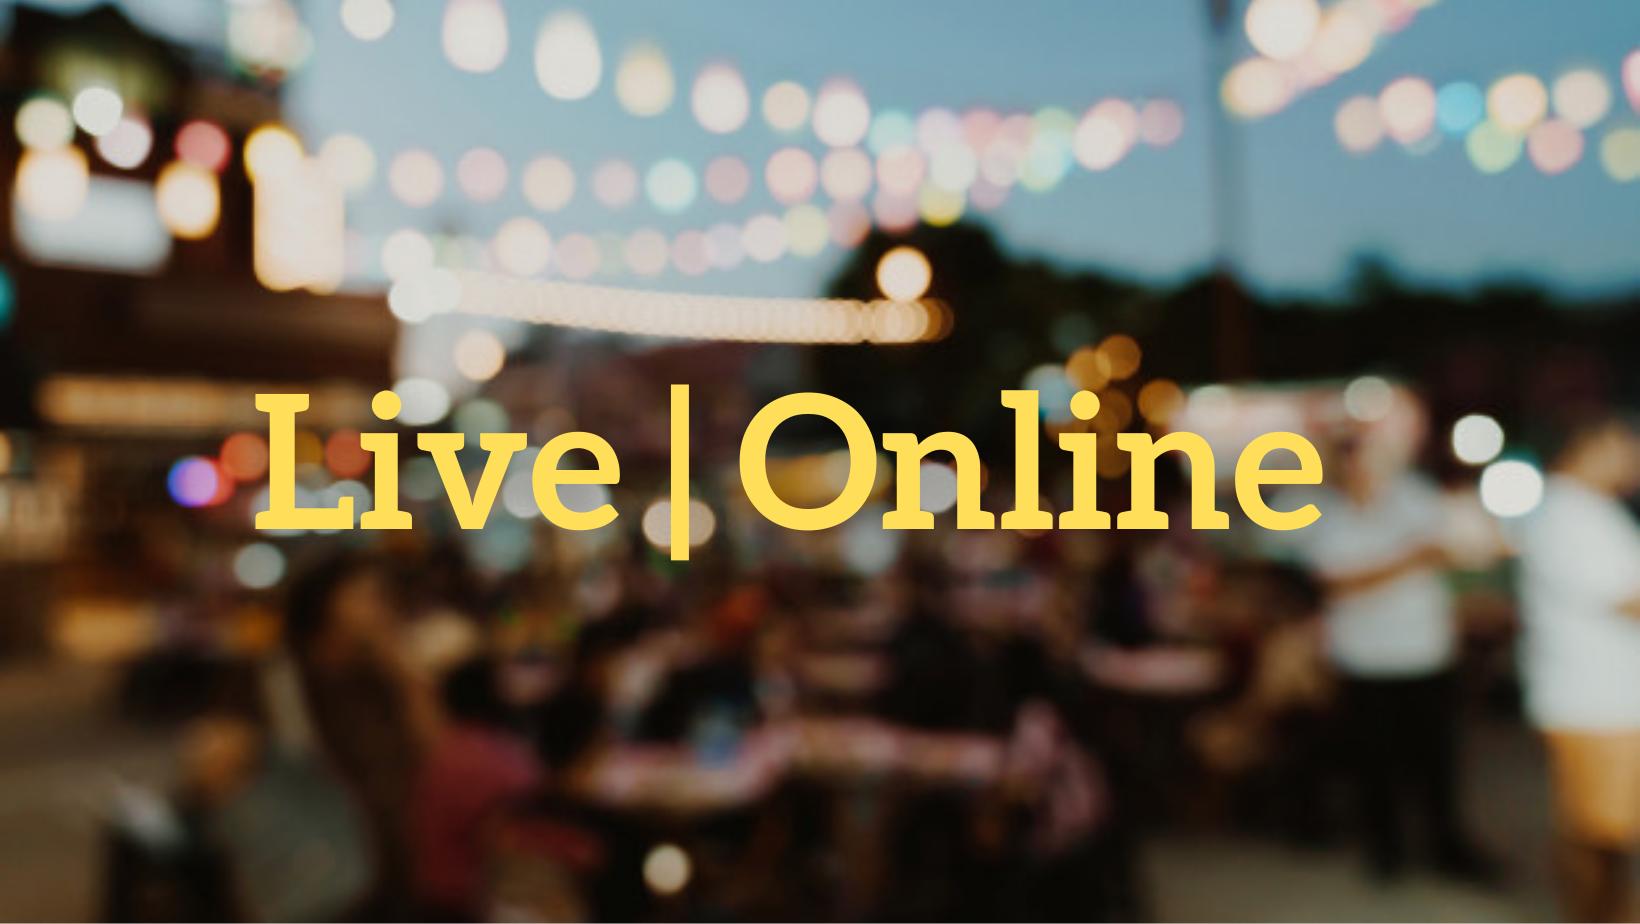 Рассказываем что делать с модой на онлайн-мероприятия и как выгодно и круто организовать online-event